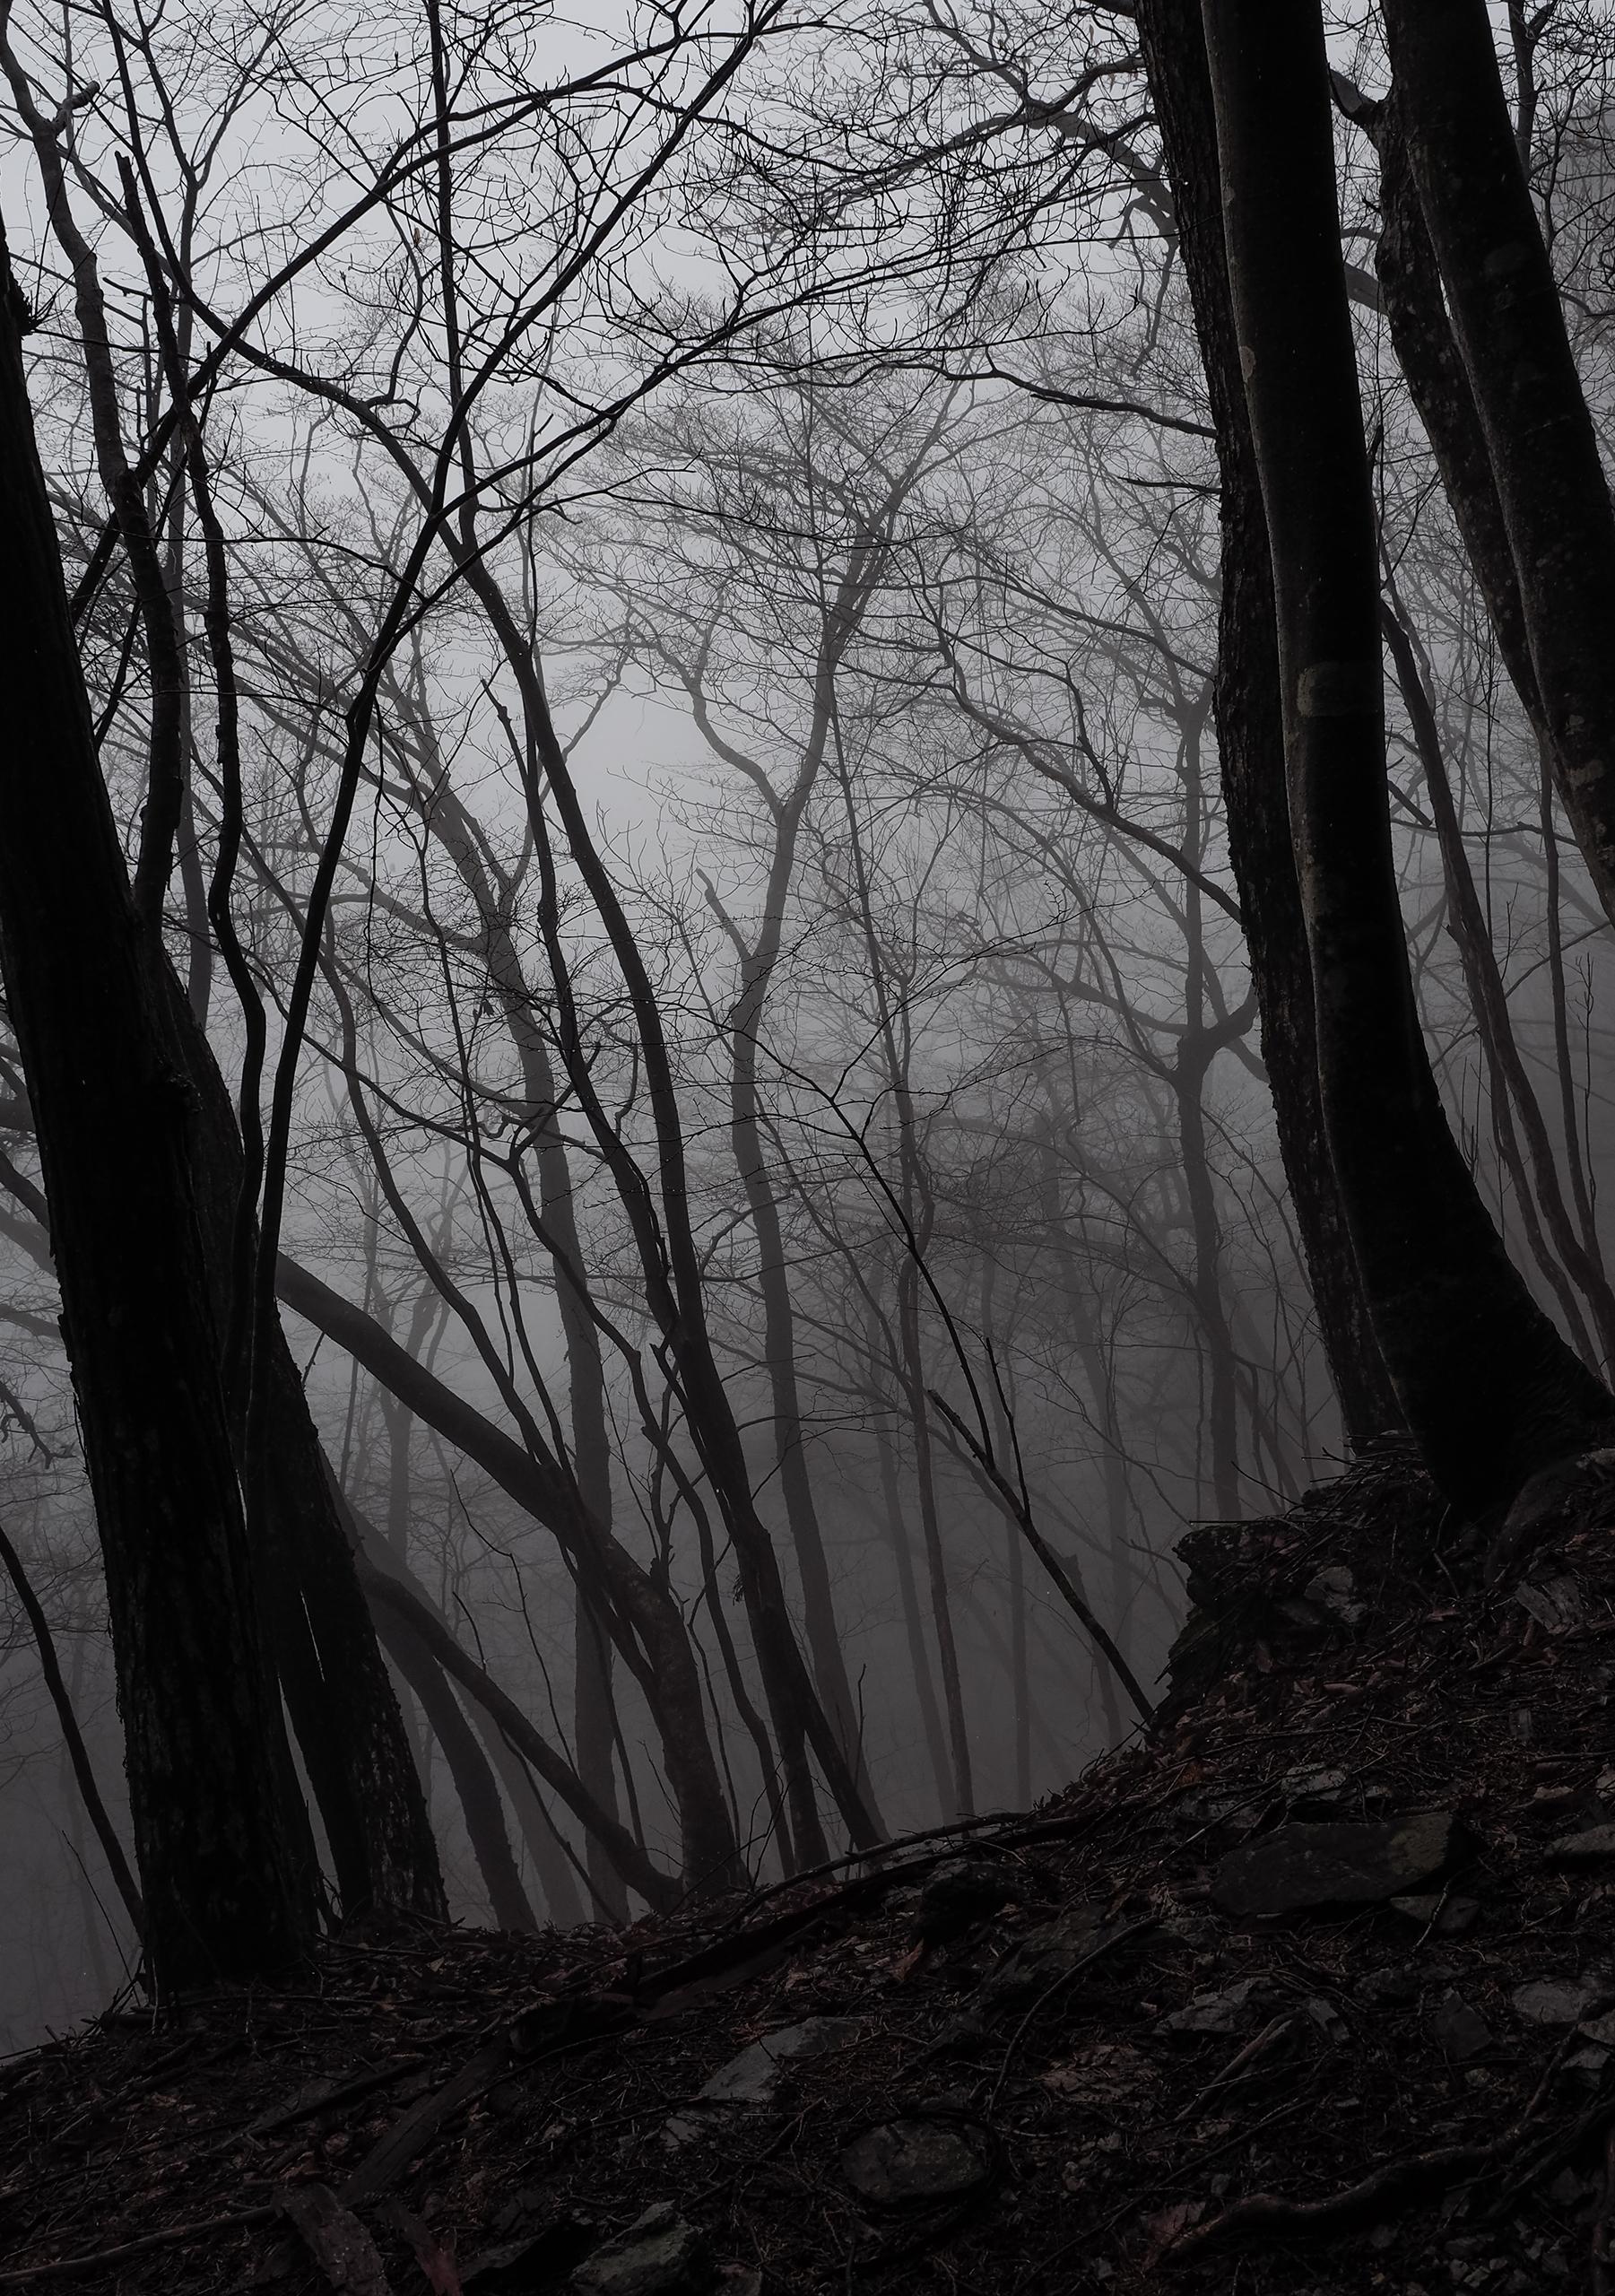 狼信仰で有名な三峯神社の奥之院へ向かう道